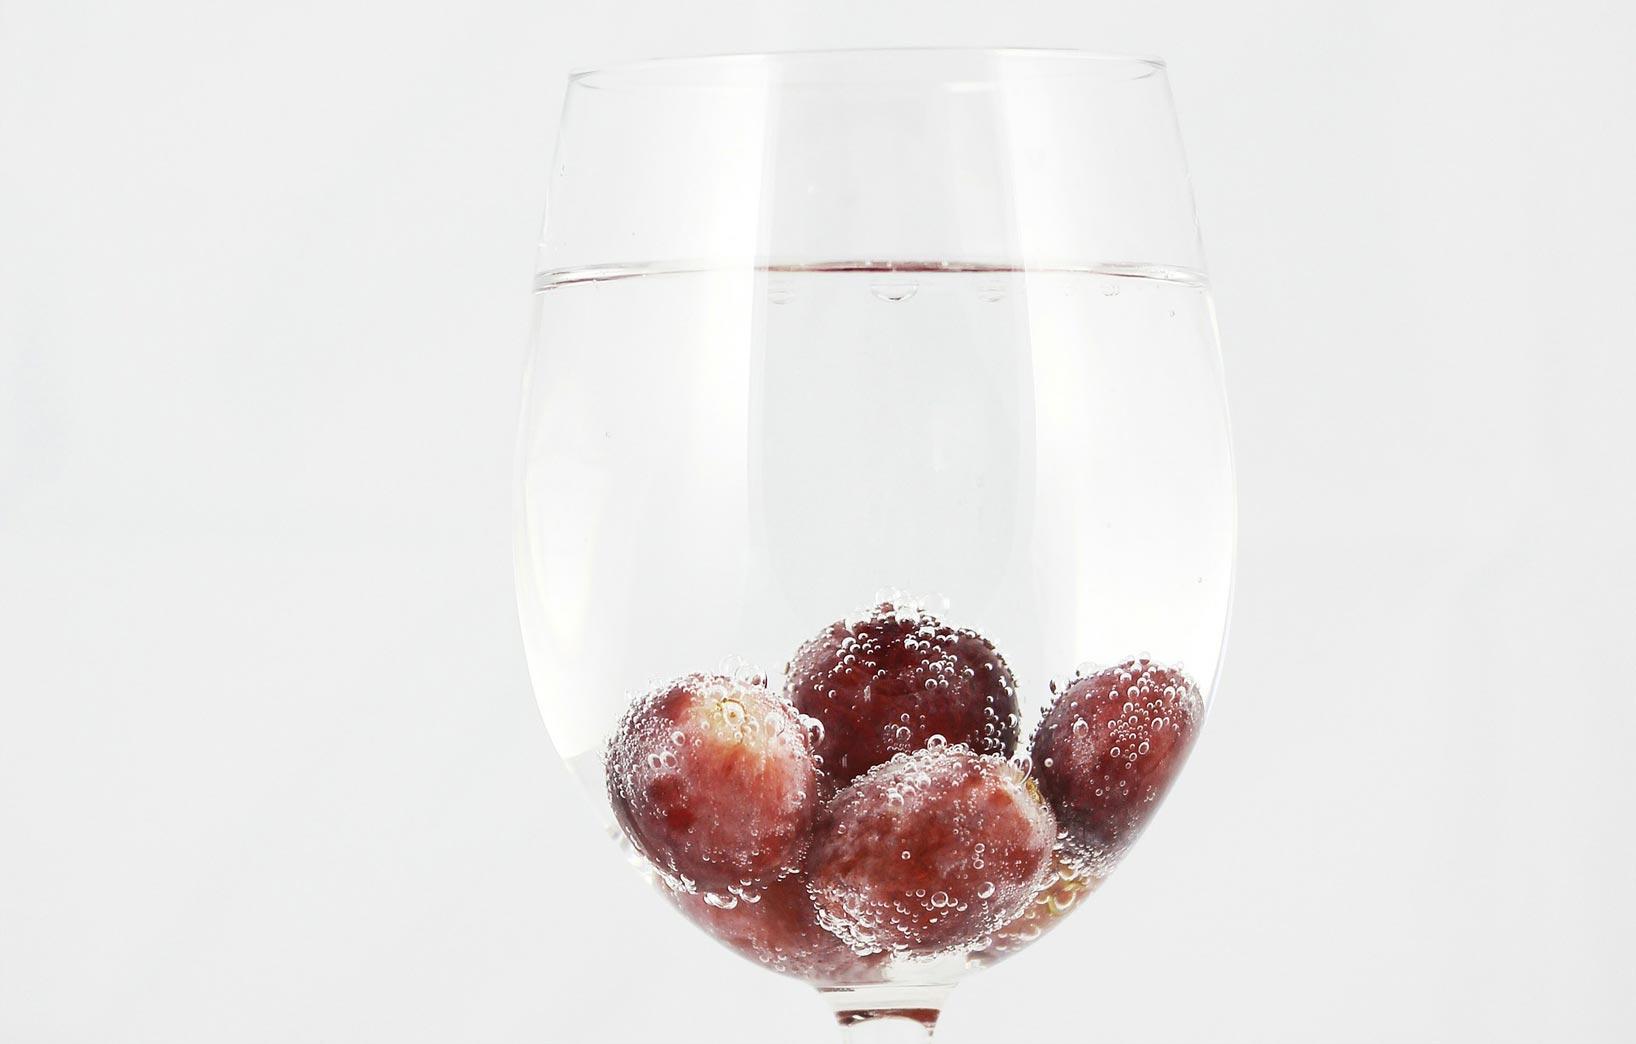 Бокал воды с ягодами